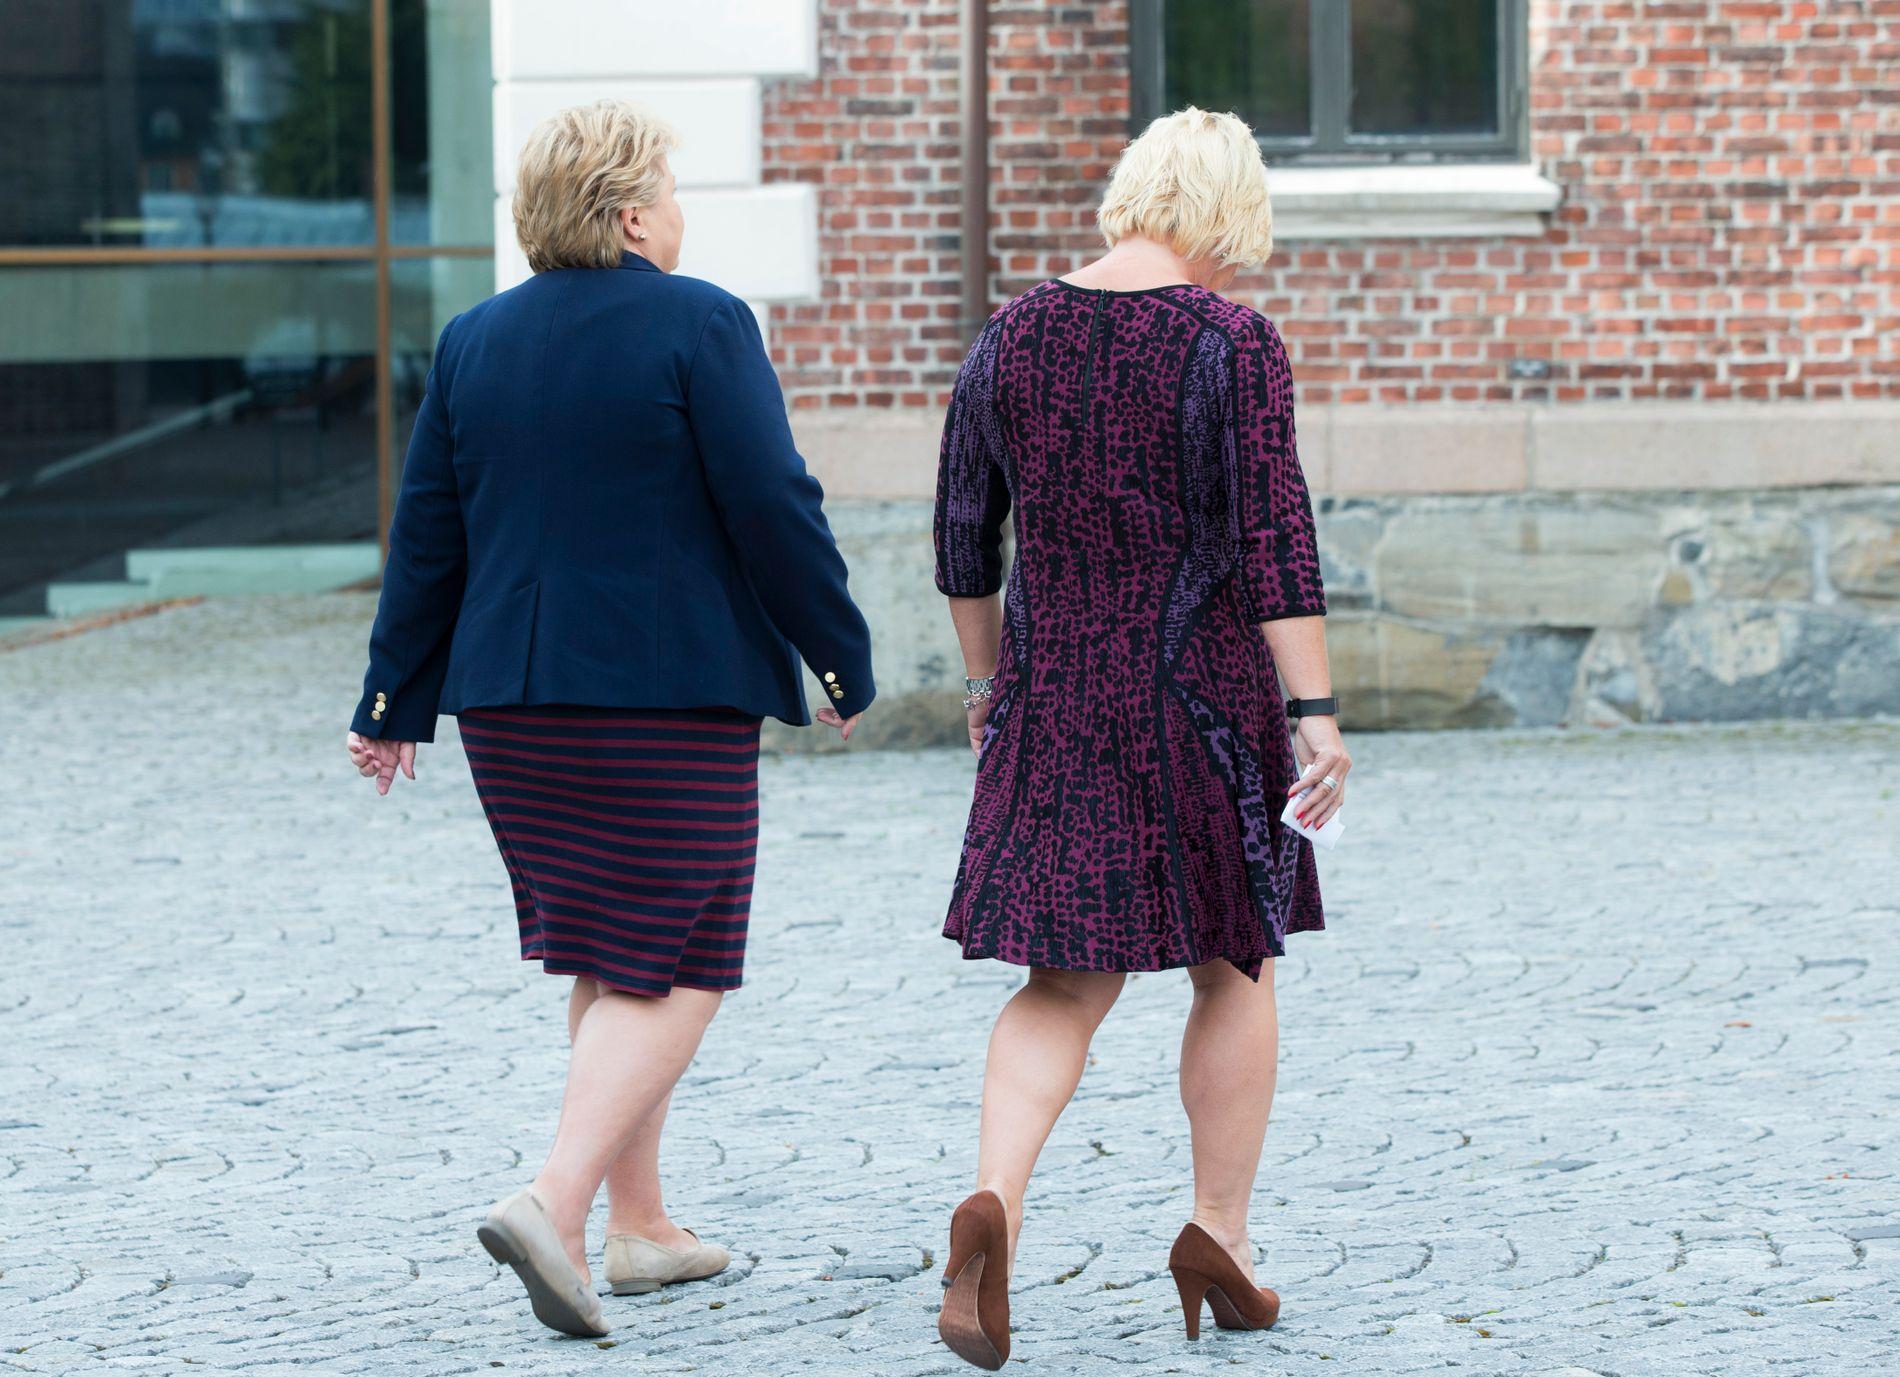 Statsminister Erna Solberg (t.v.) og finansminister Siv Jensen holdt pressekonferanse utenfor Statsministerens kontor, før de gikk inn til regjeringens budsjettkonferanse tirsdag morgen.